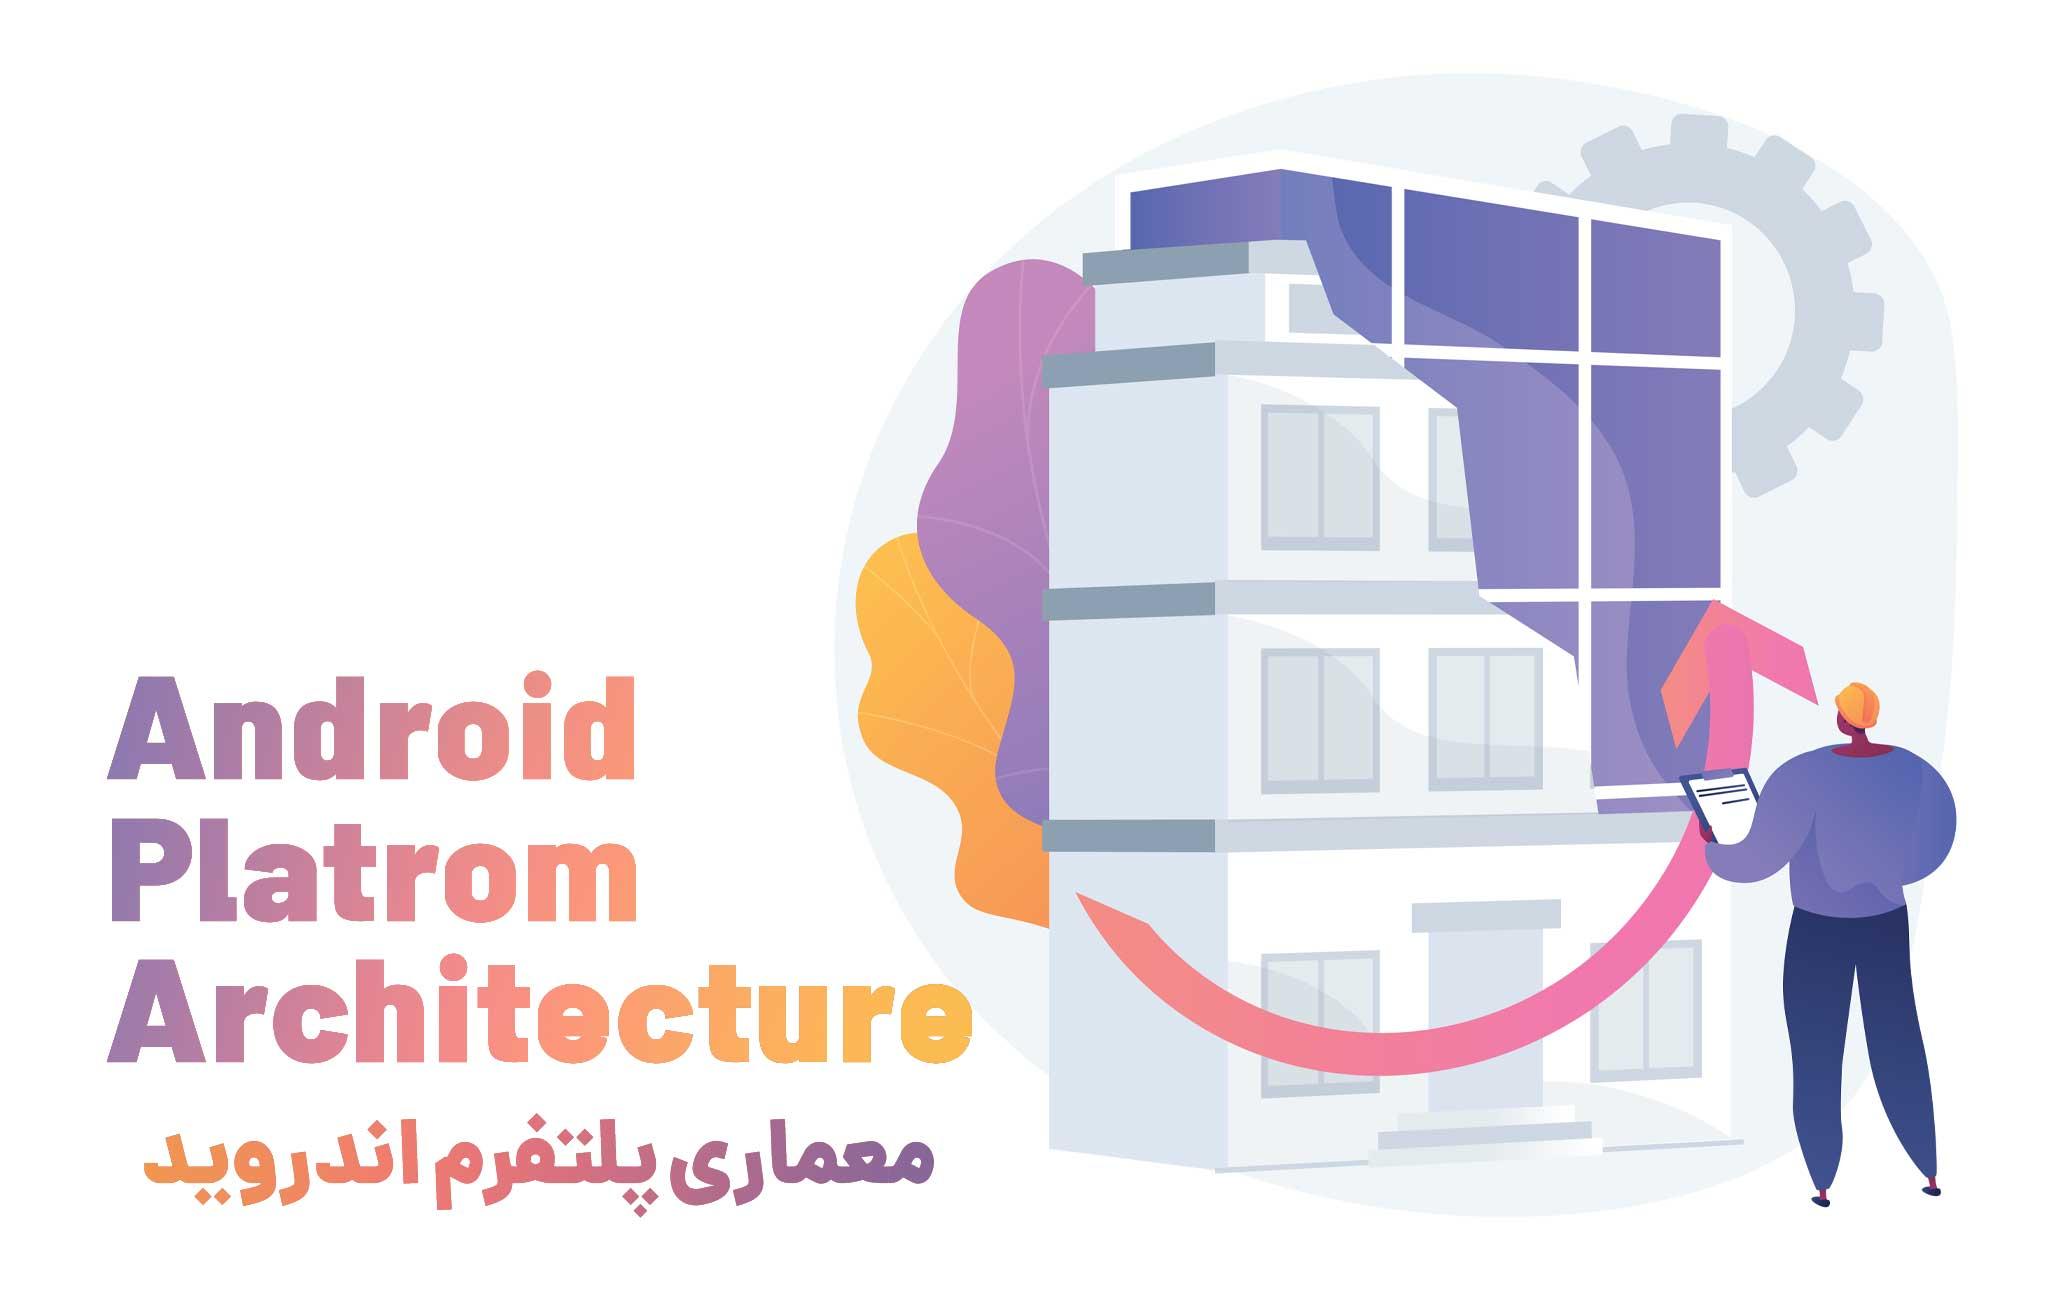 معماری پلتفرم اندروید